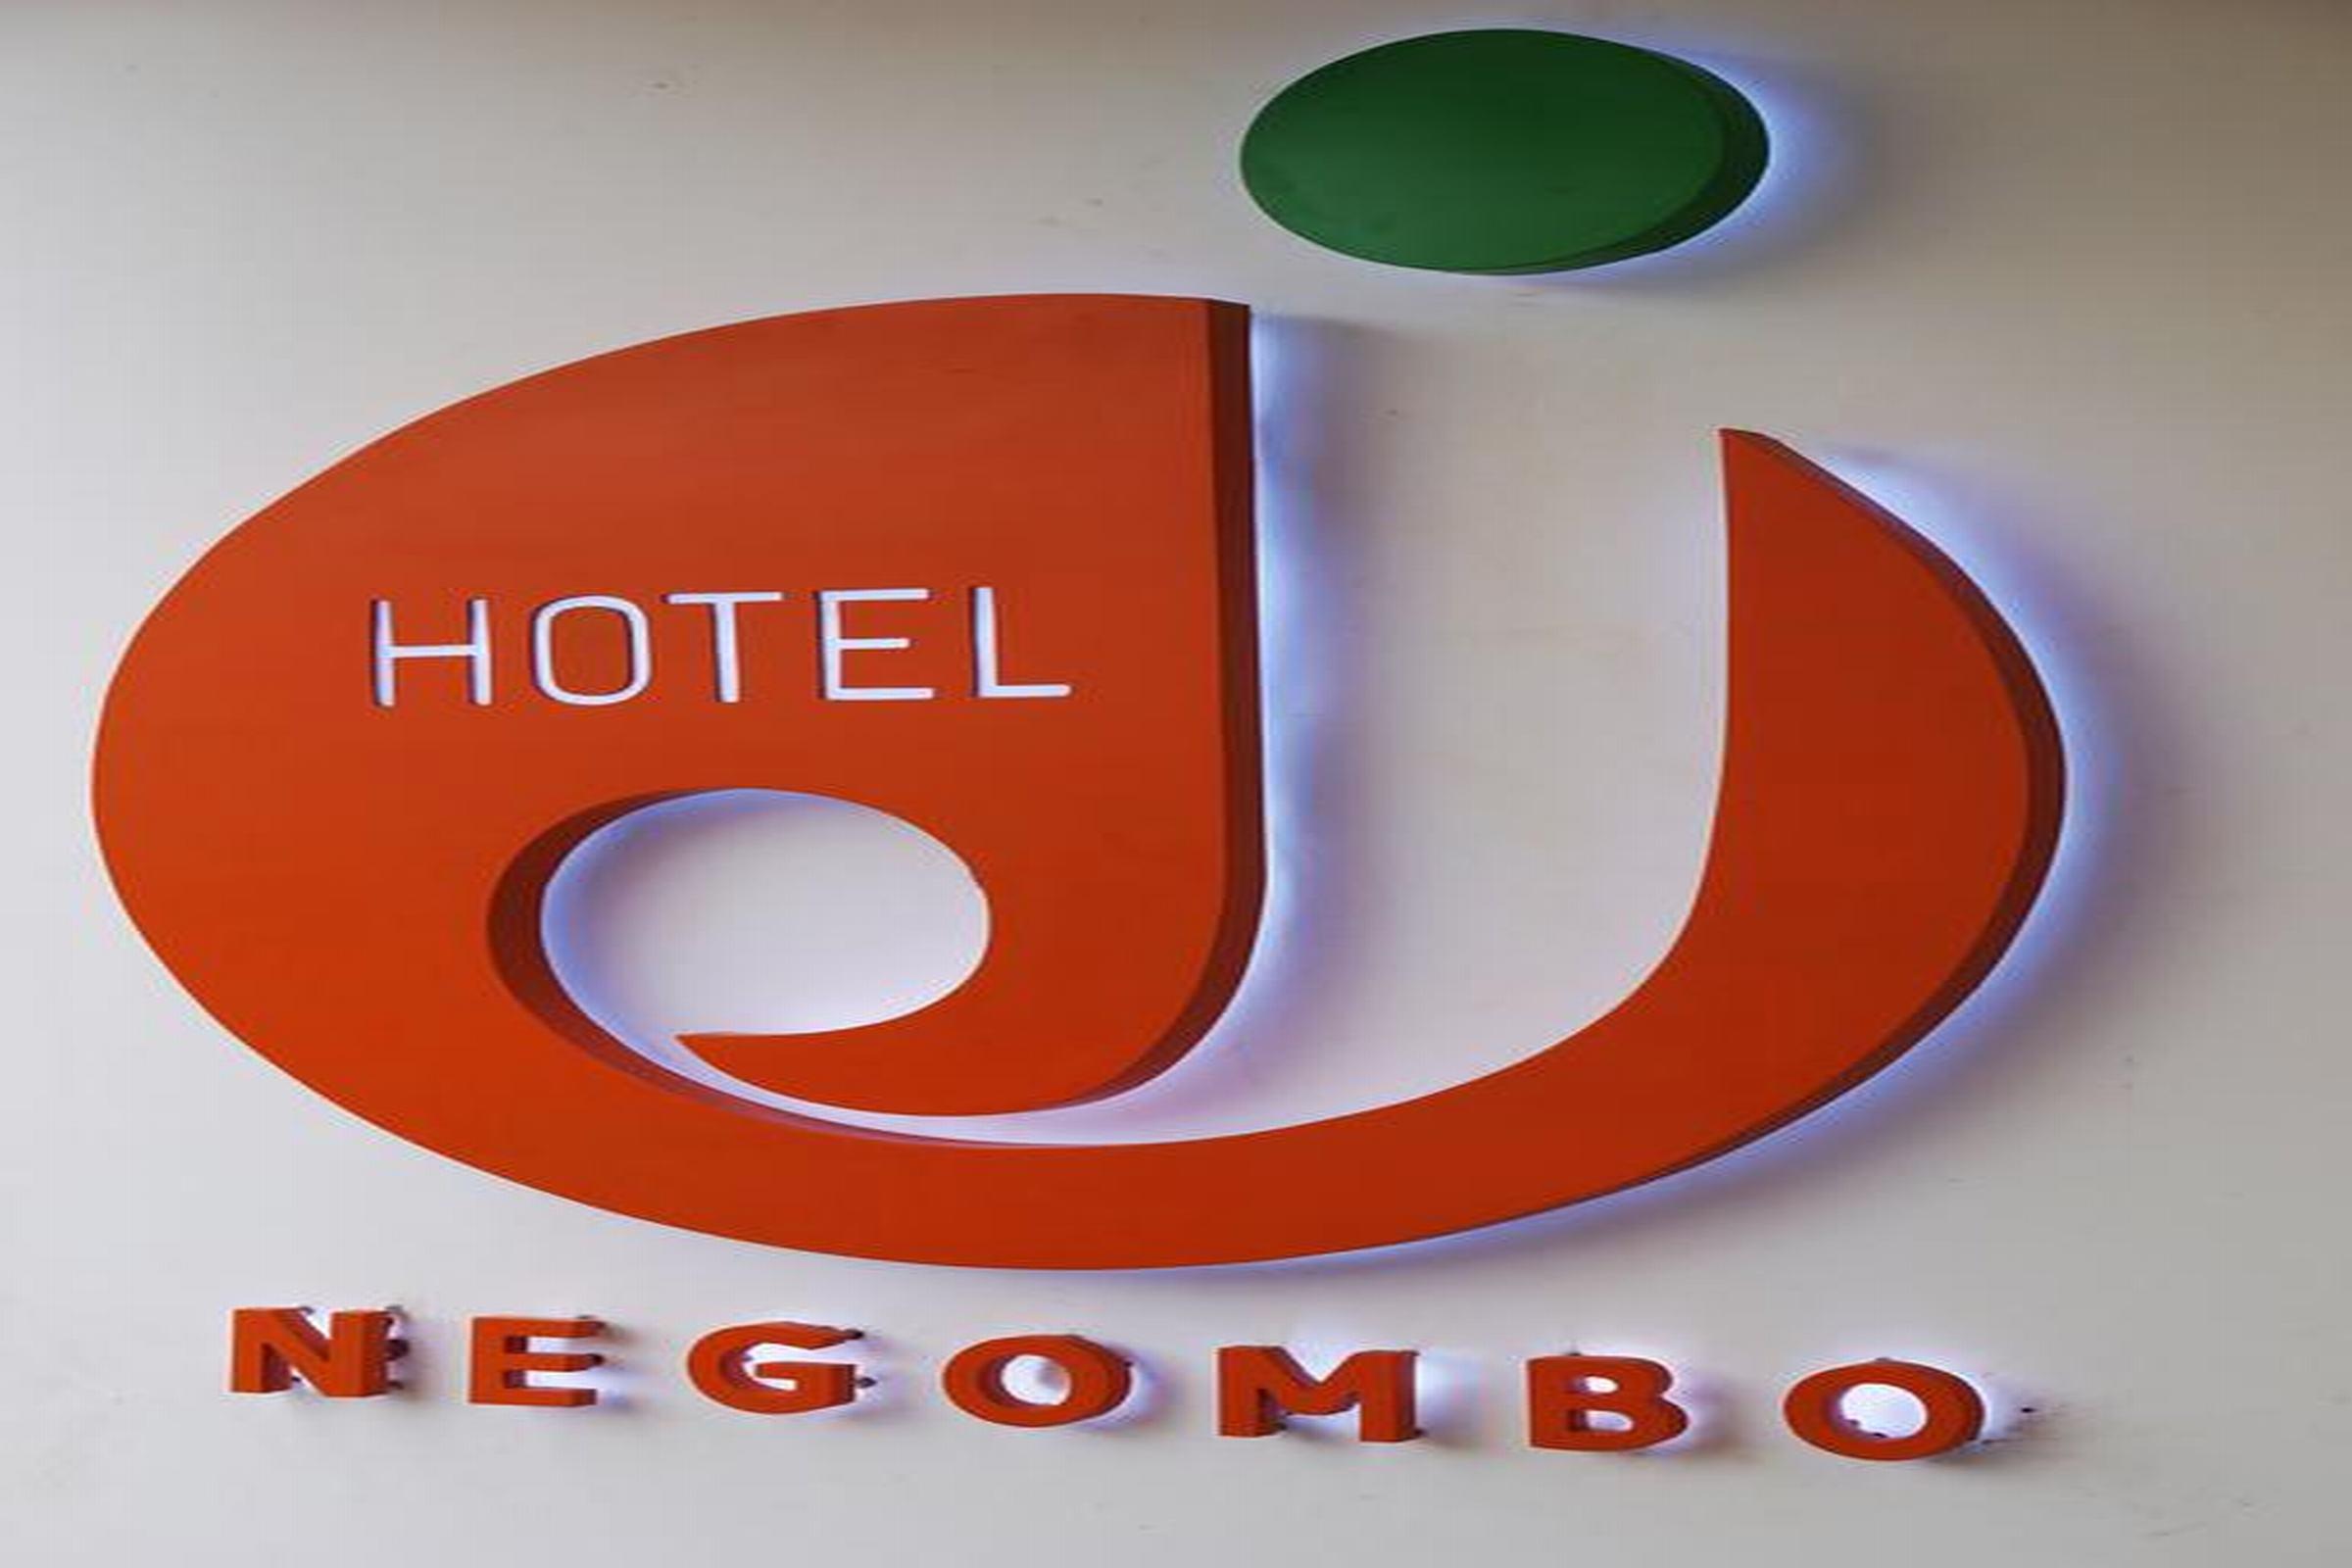 Hotel J Negombo, Negombo